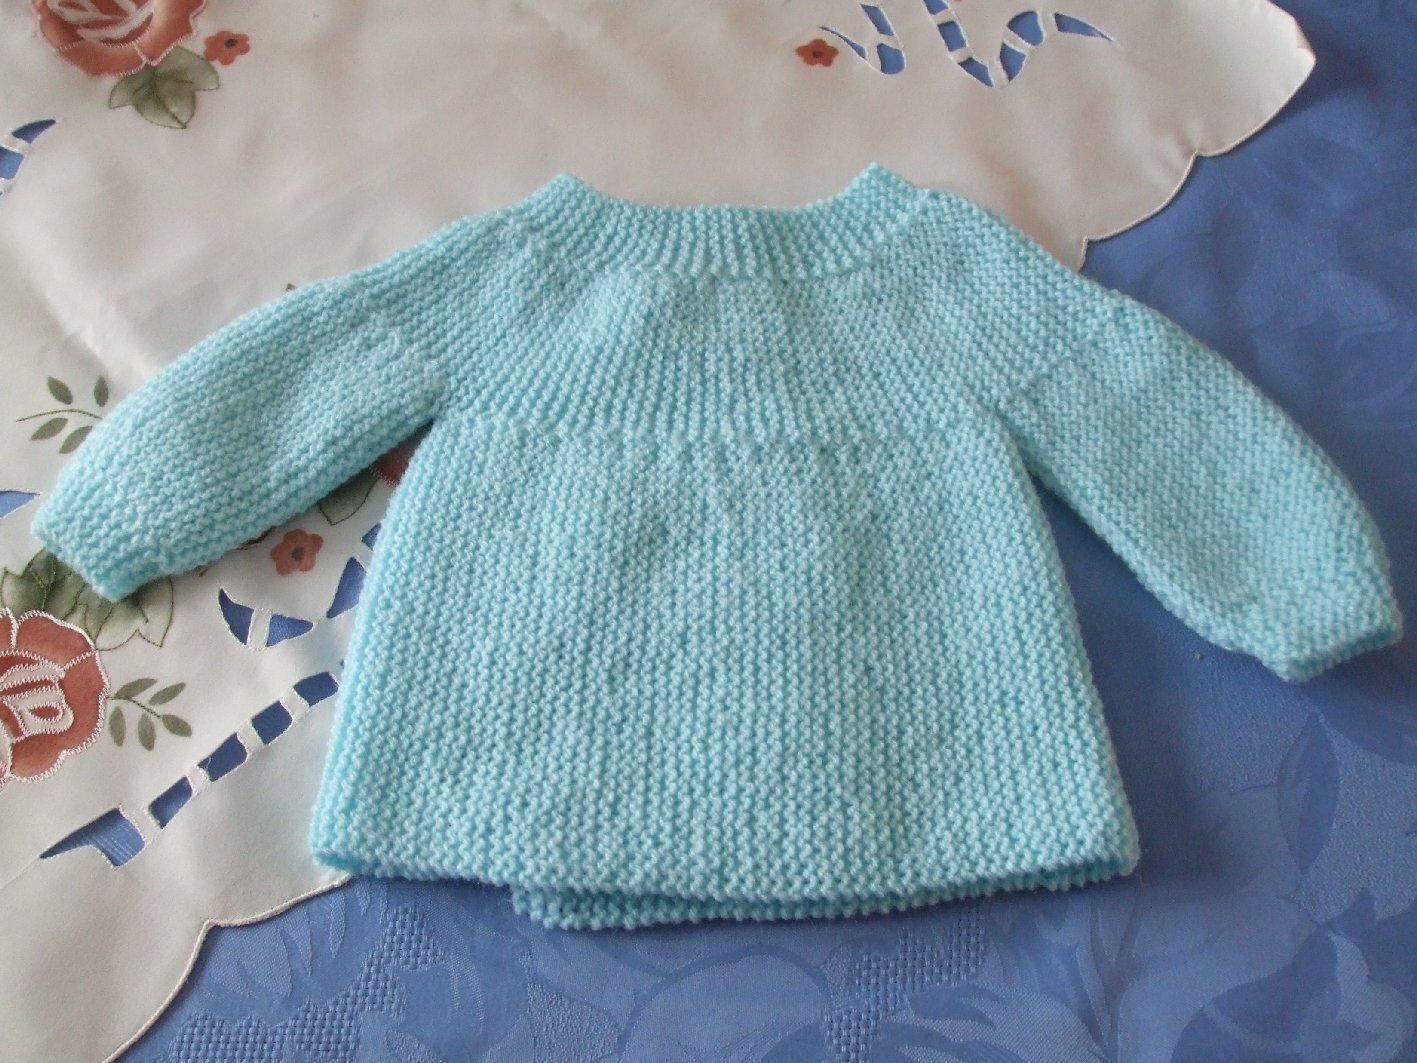 166063caa2d8a Je veux trouver un joli tricot pour mon bébé ou à offrir pas cher ICI Modele  tricot brassiere naissance gratuit